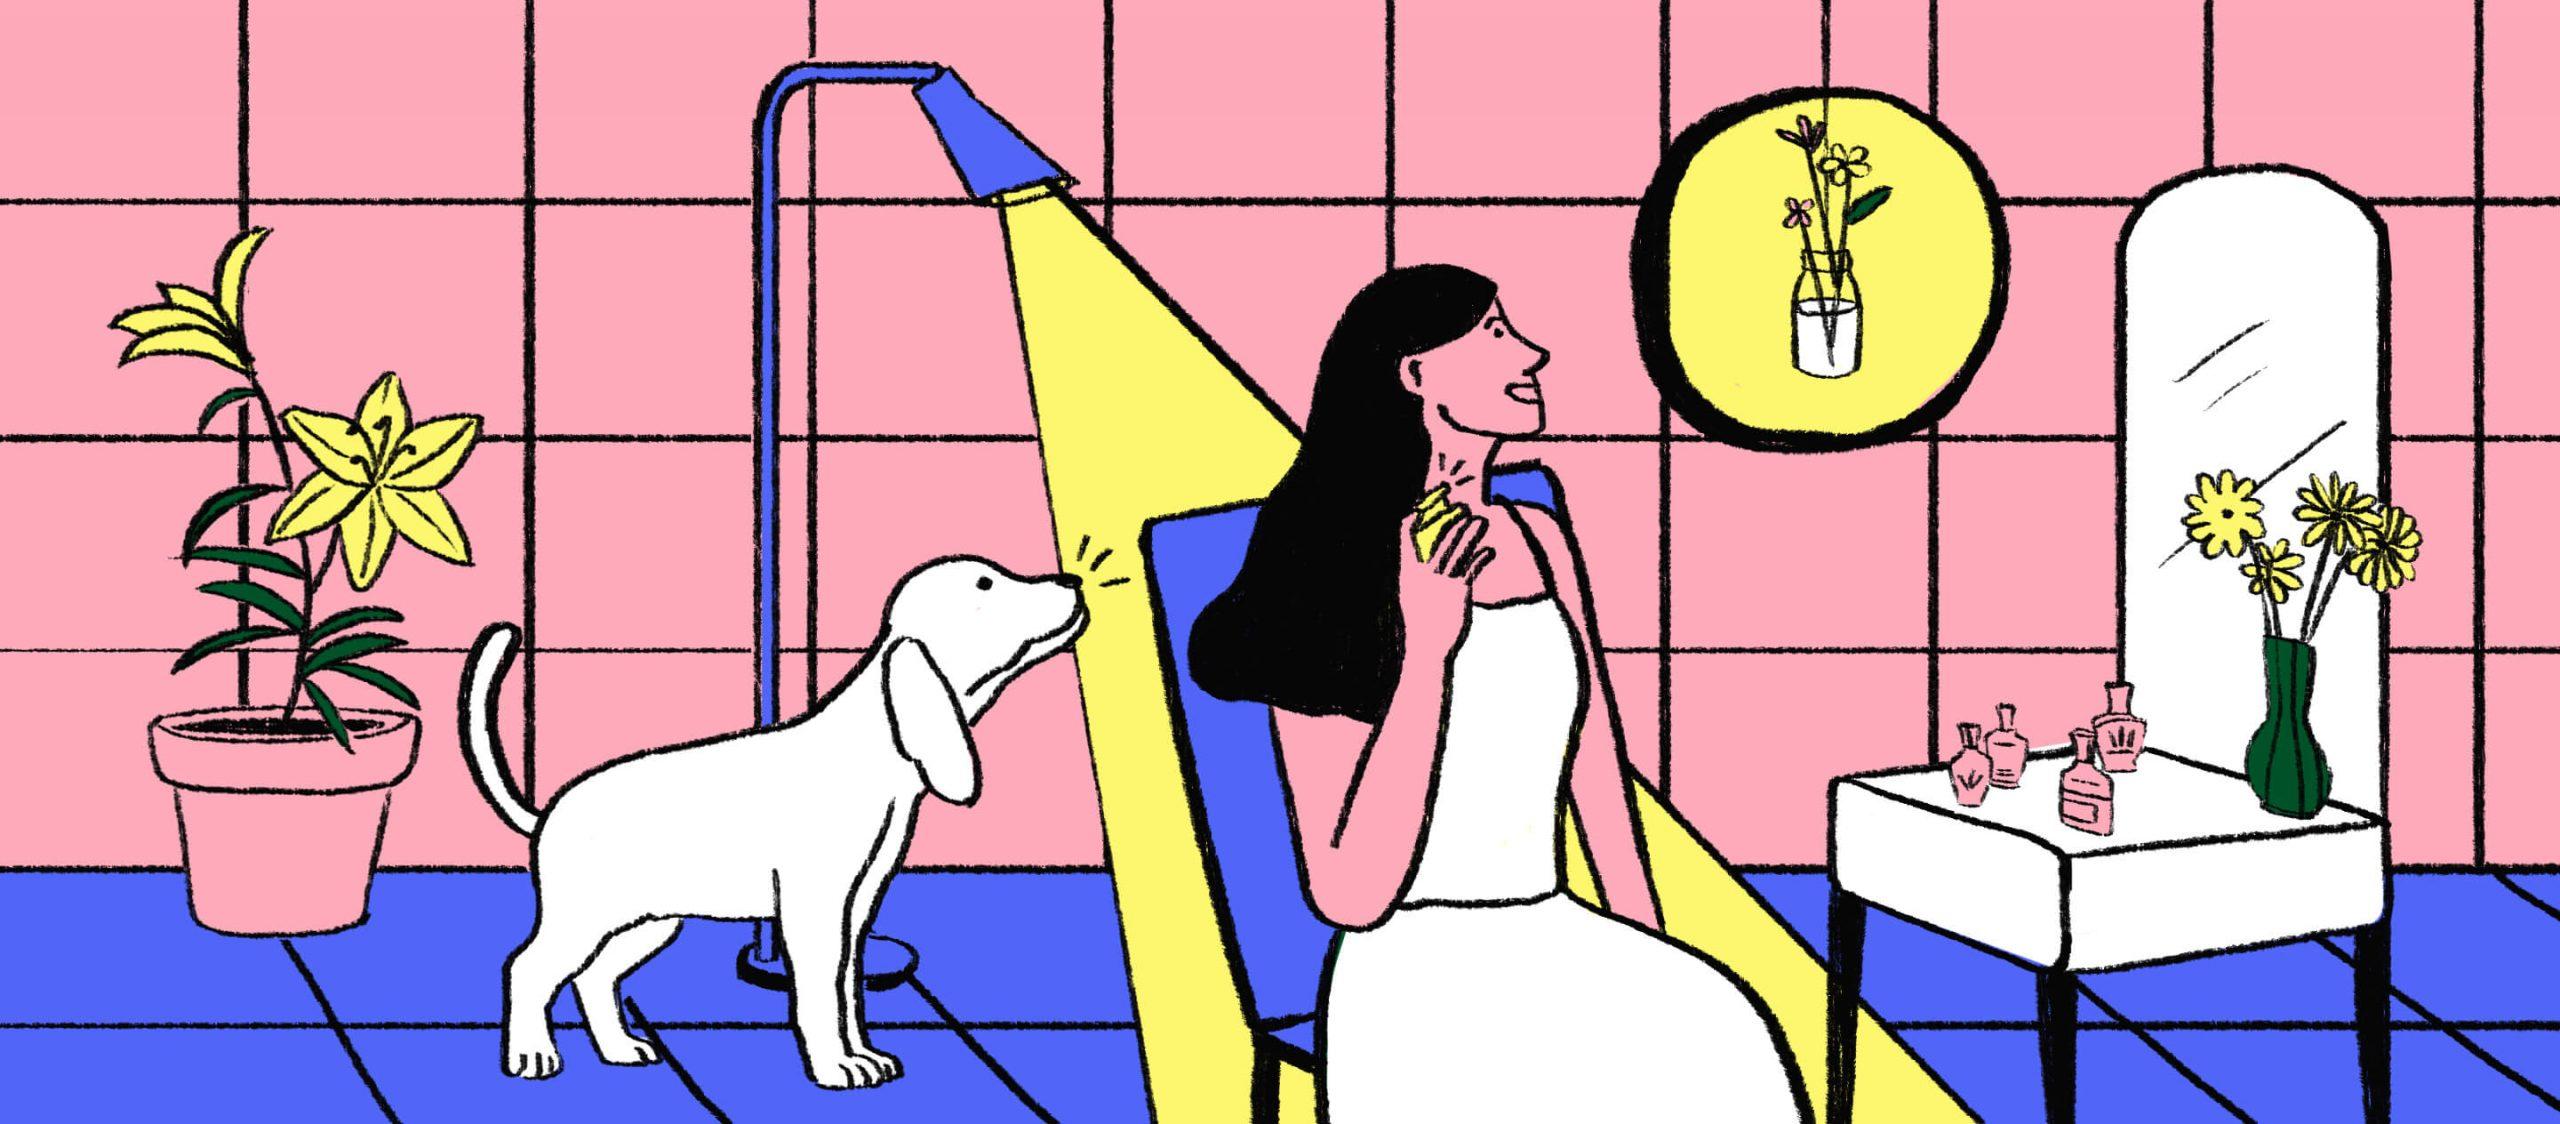 ถ้ากลิ่นกายของมนุษย์ 'สื่อสารได้' ทำไมเราถึงพยายามกลบกลิ่นตัวเองนัก?